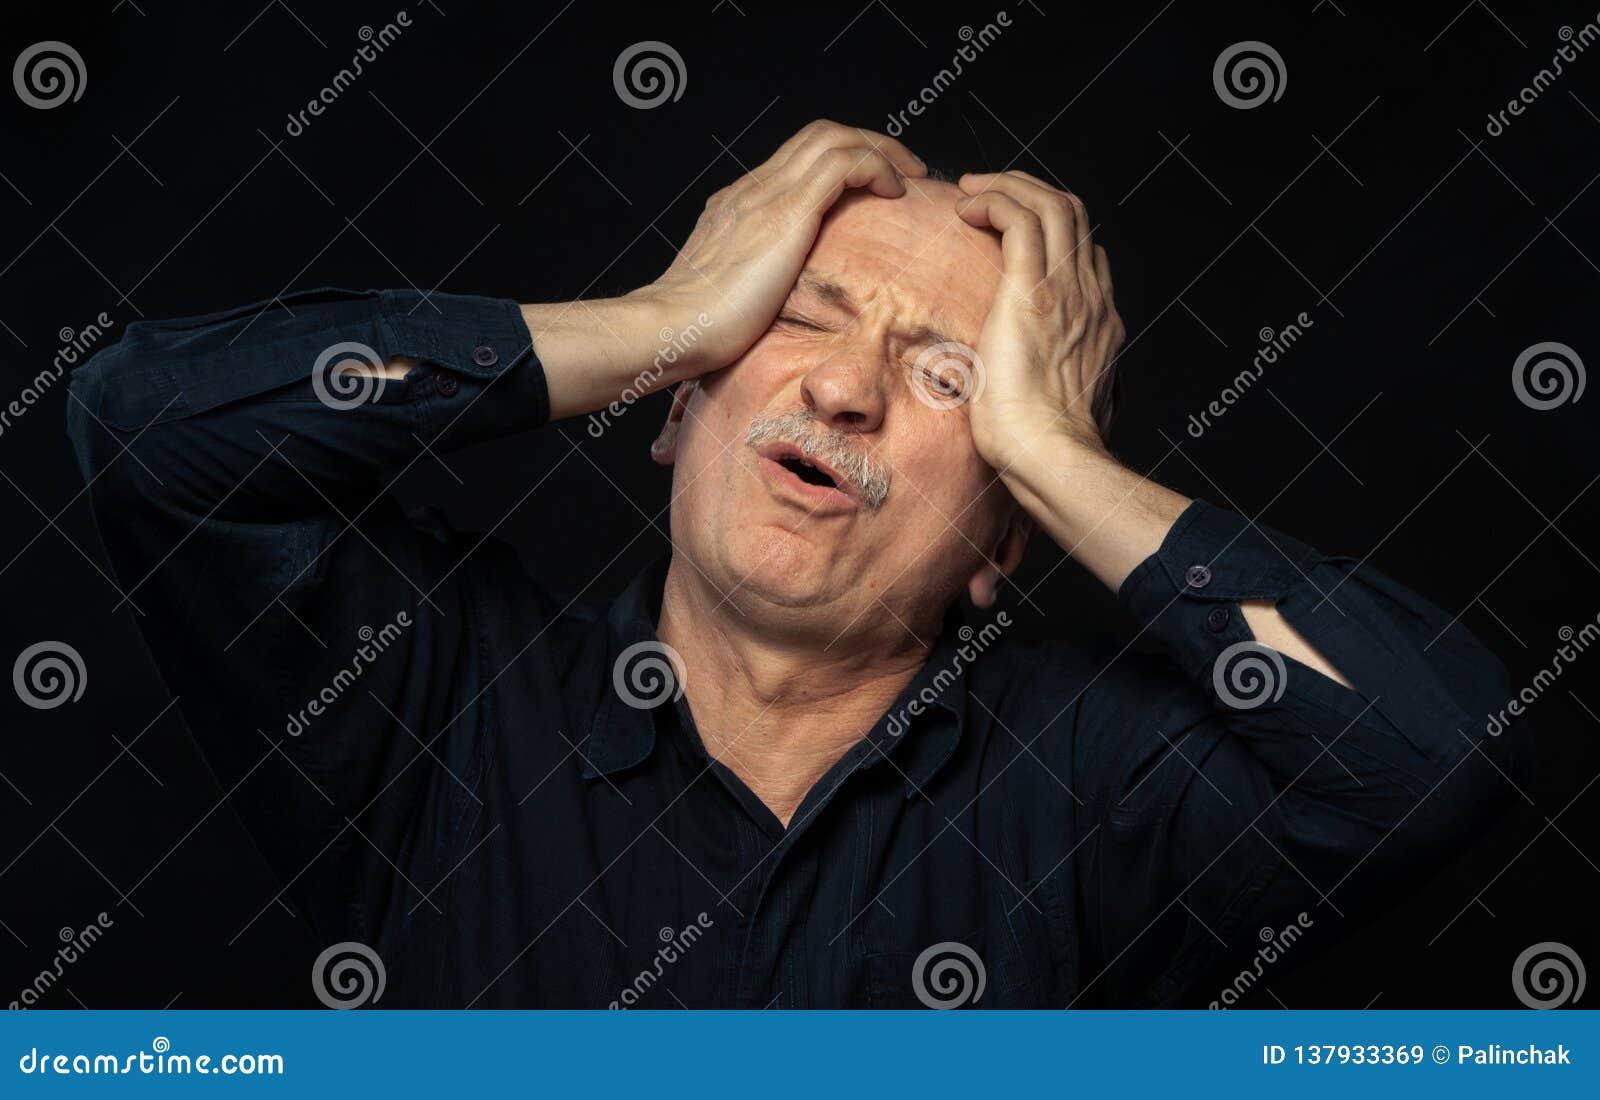 Starszego mężczyzna cierpienie od migreny